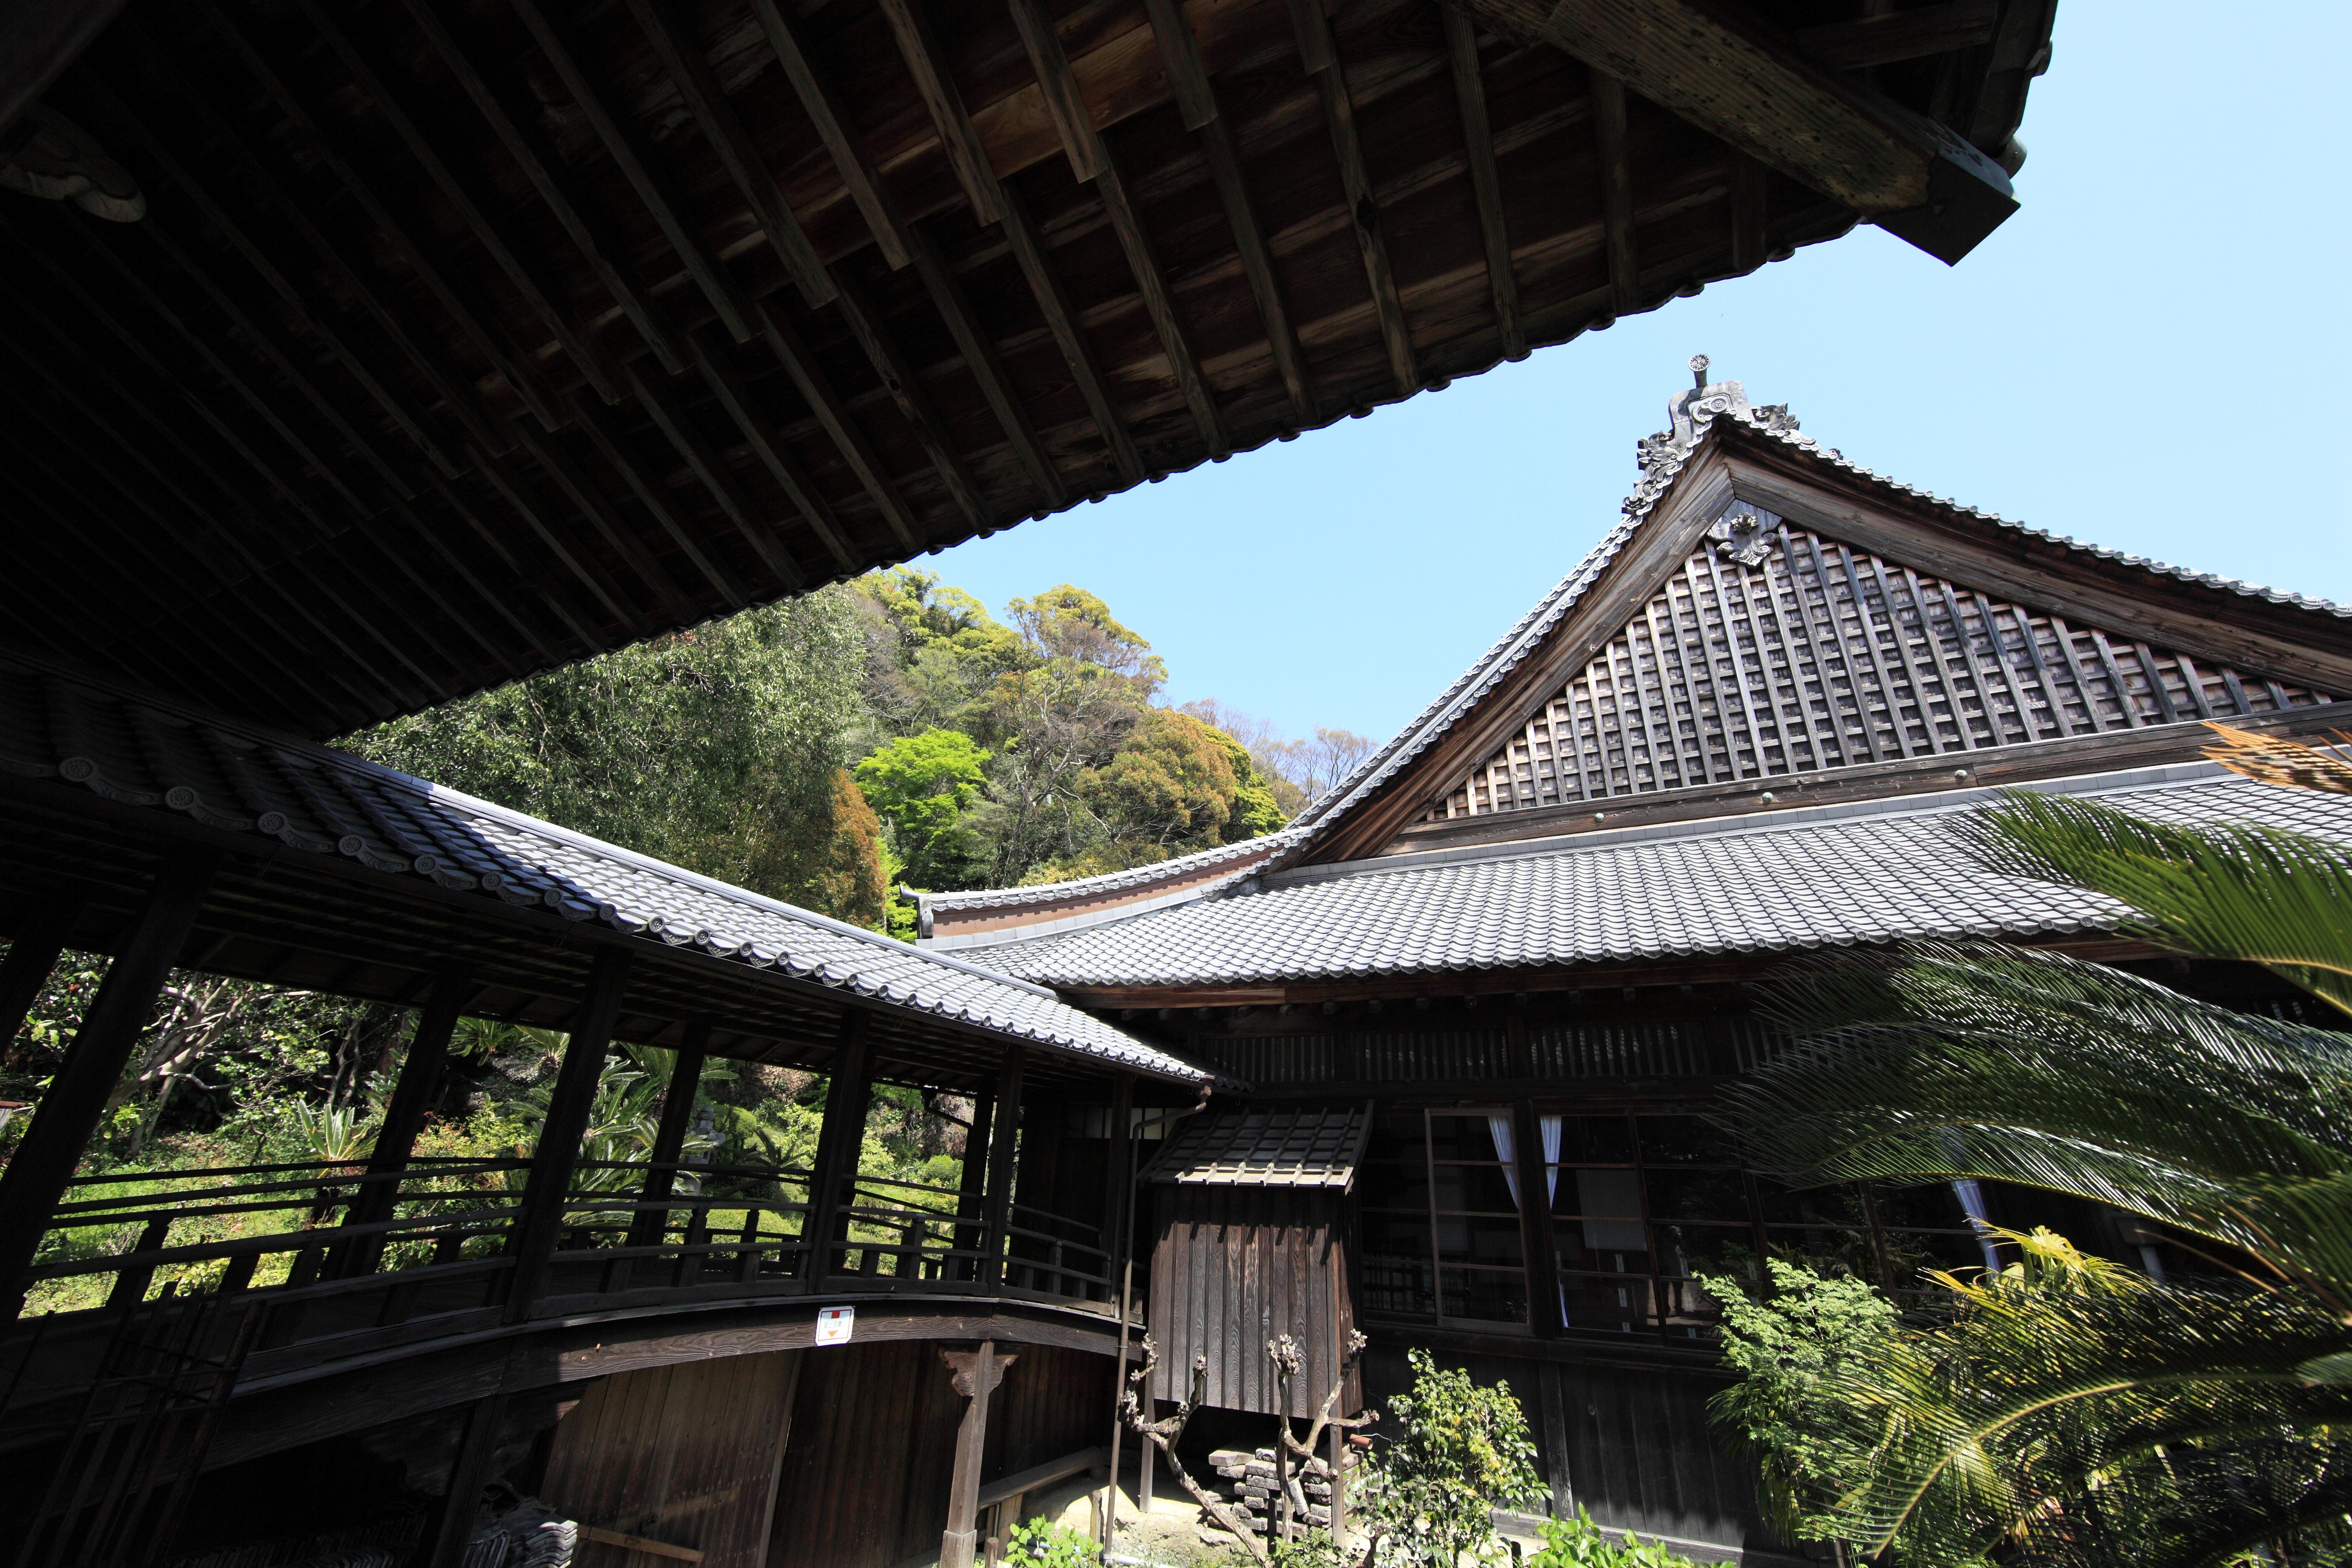 японские крыши фото новом проекте ривзу